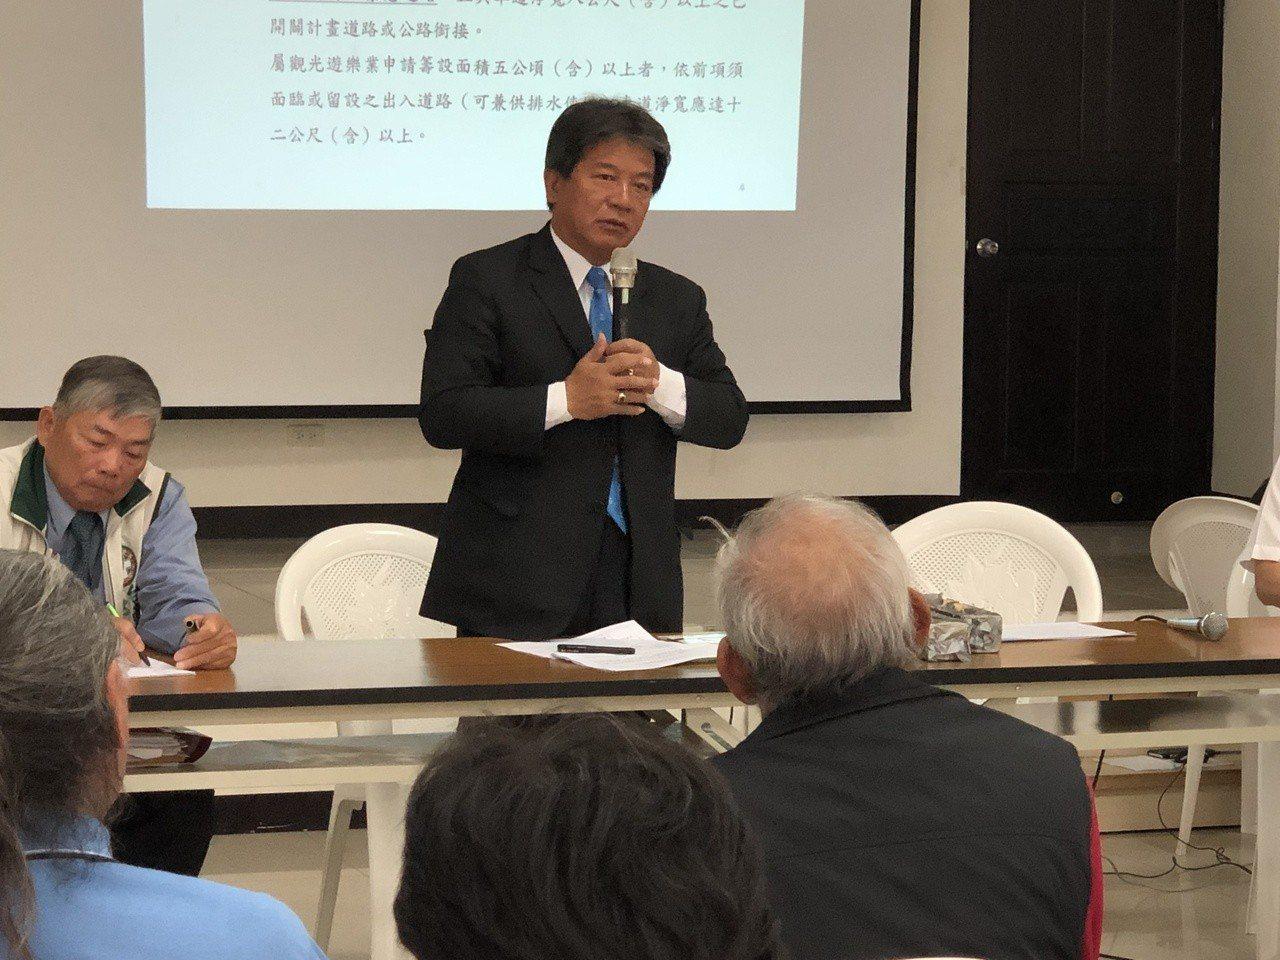 議長郭信良說,通過該細部計畫對台南四草的開發是項利多。記者邵心杰/攝影